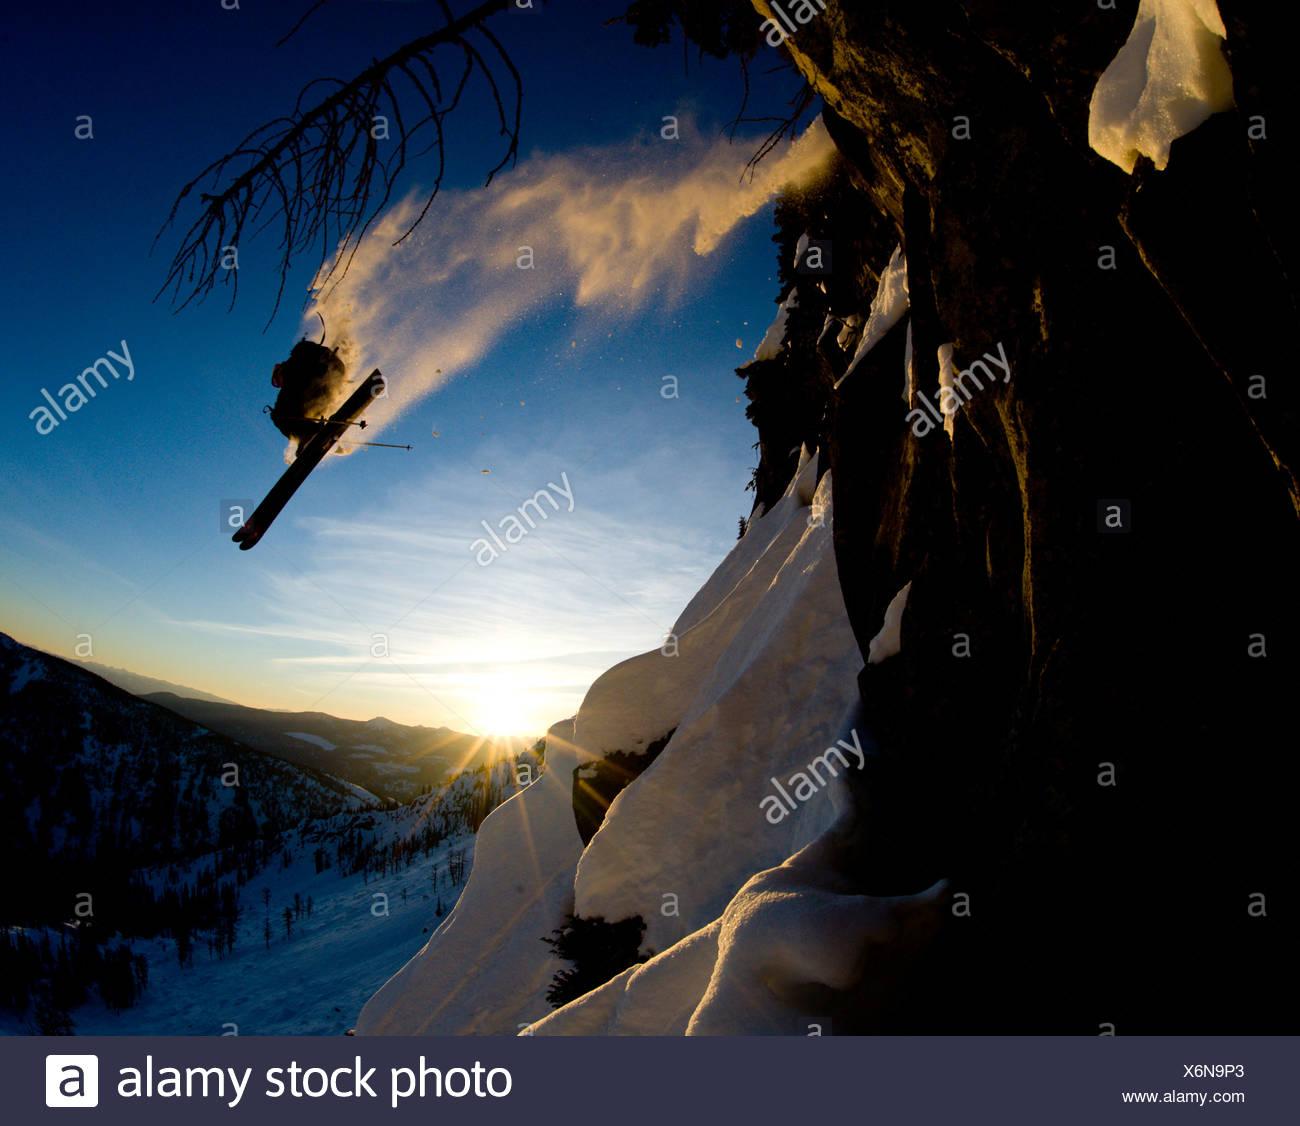 Un giovane maschio sciatore prende aria enorme da un dirupo nel backcountry vicino a Whitewater Resort invernale, British Columbia, Canada Immagini Stock